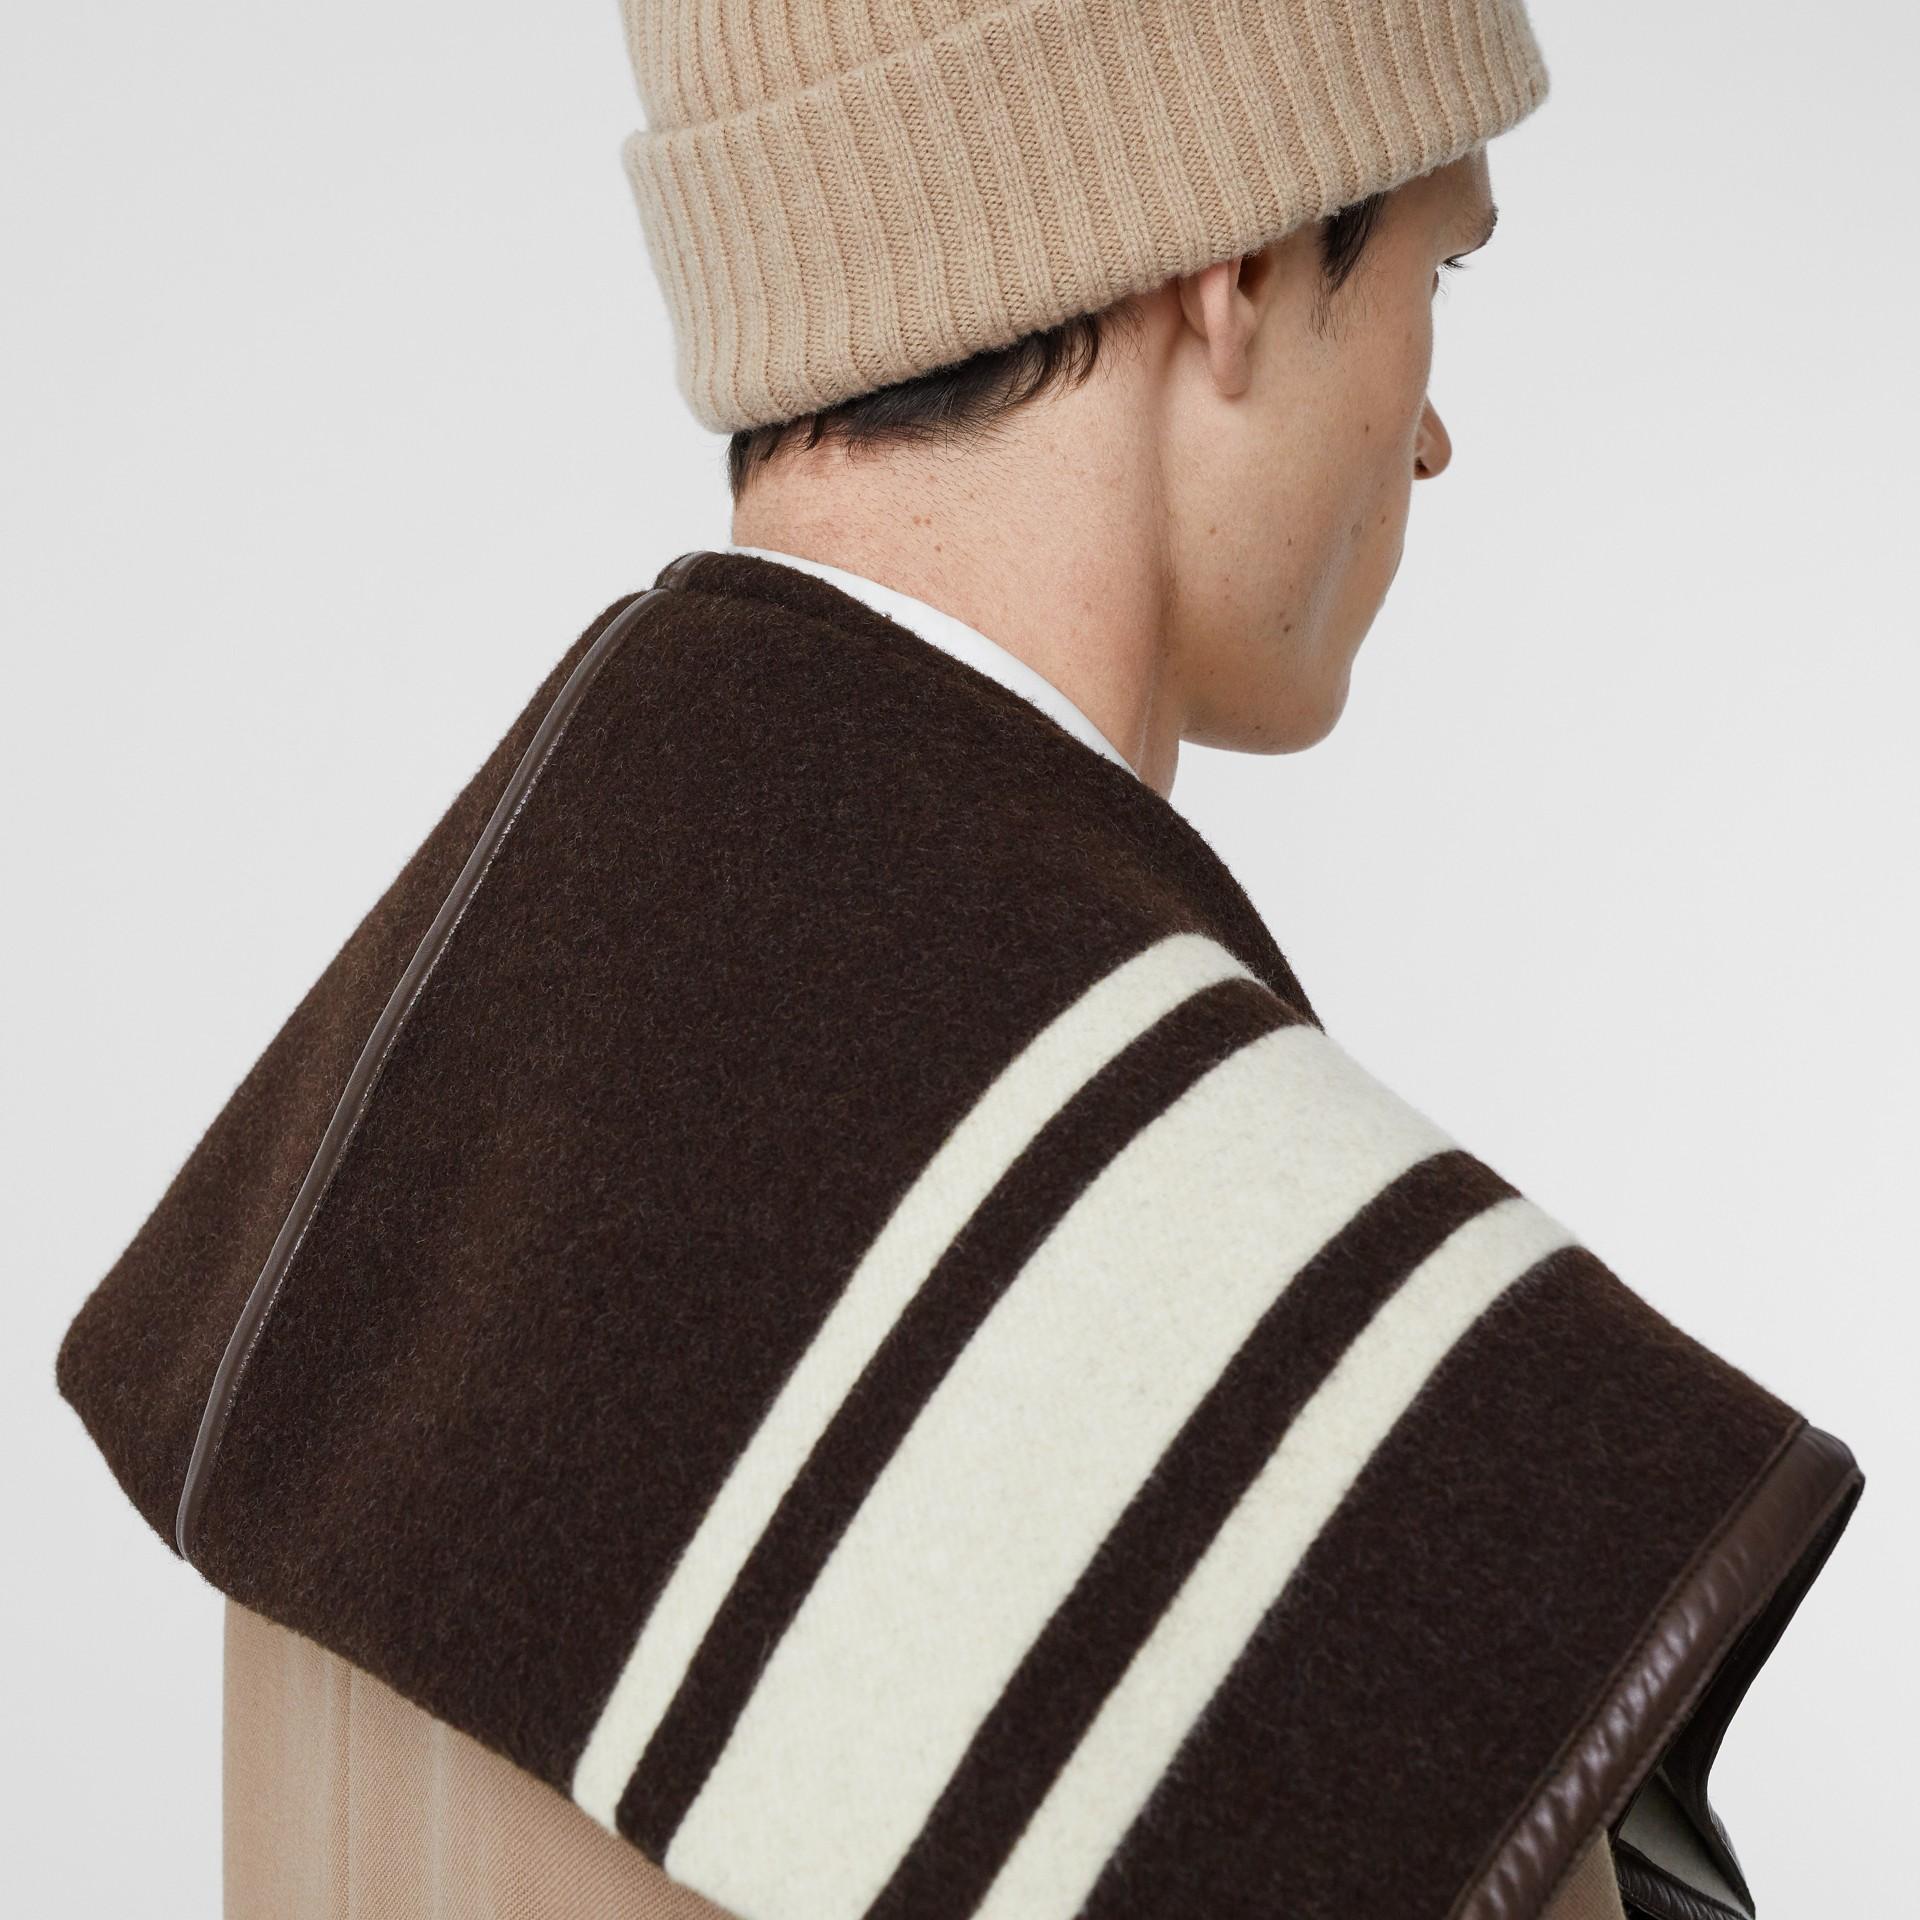 羔羊皮飾帶條紋細節設計羊毛提花披肩 (棕色) - 女款 | Burberry - 圖庫照片 9